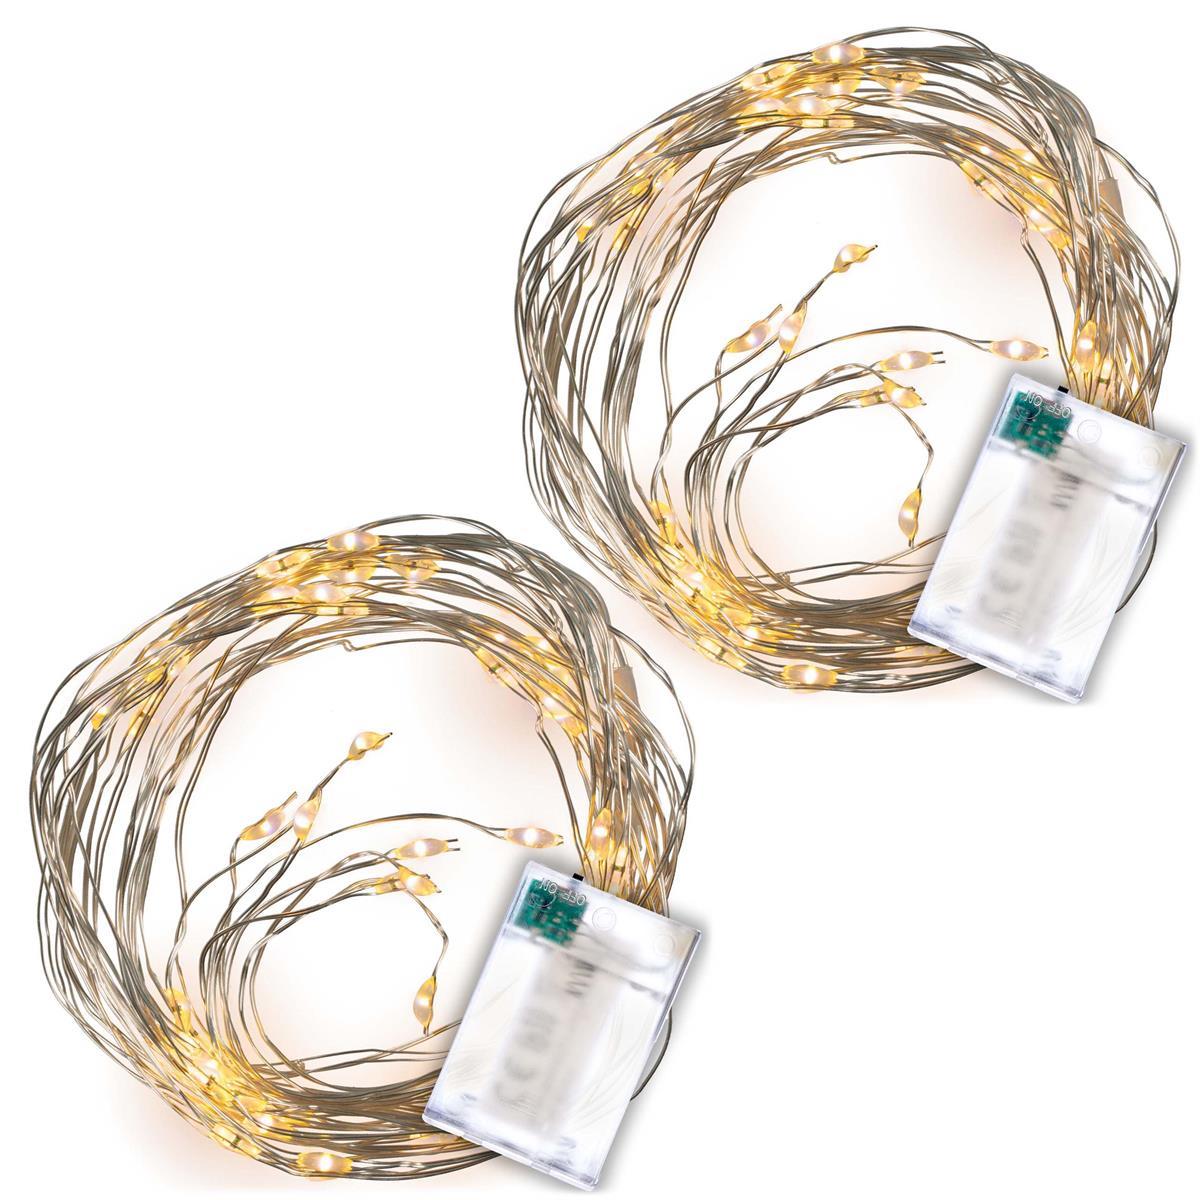 2er Set Lichterregen 64 LED warm weiß silberne Drähte mit je 8 LED Timer